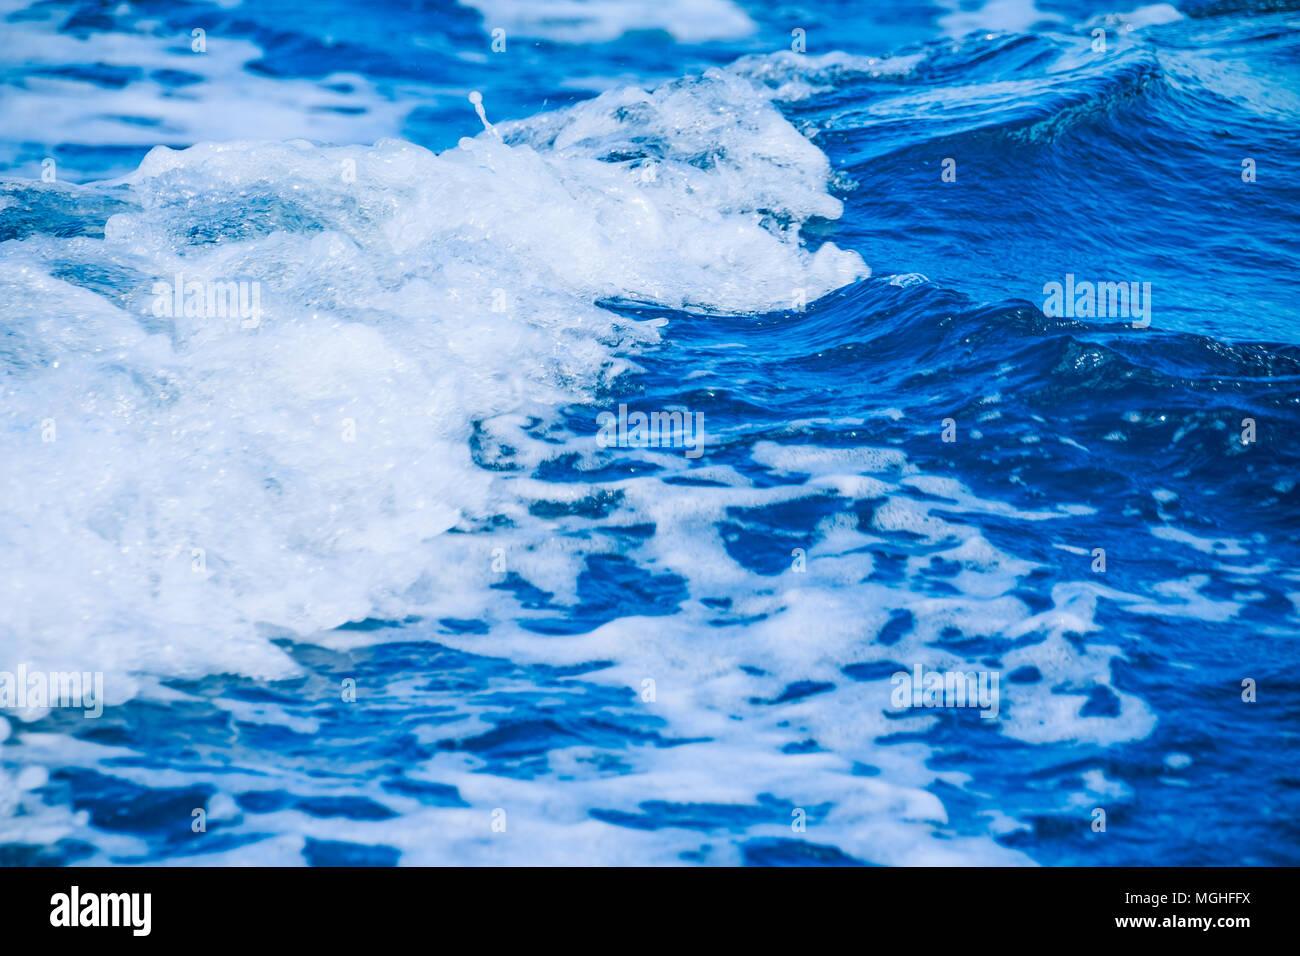 Oceano onda sullo sfondo dell'acqua. Perfetta superficie di acqua - texture. Acqua di mare con onde Immagini Stock